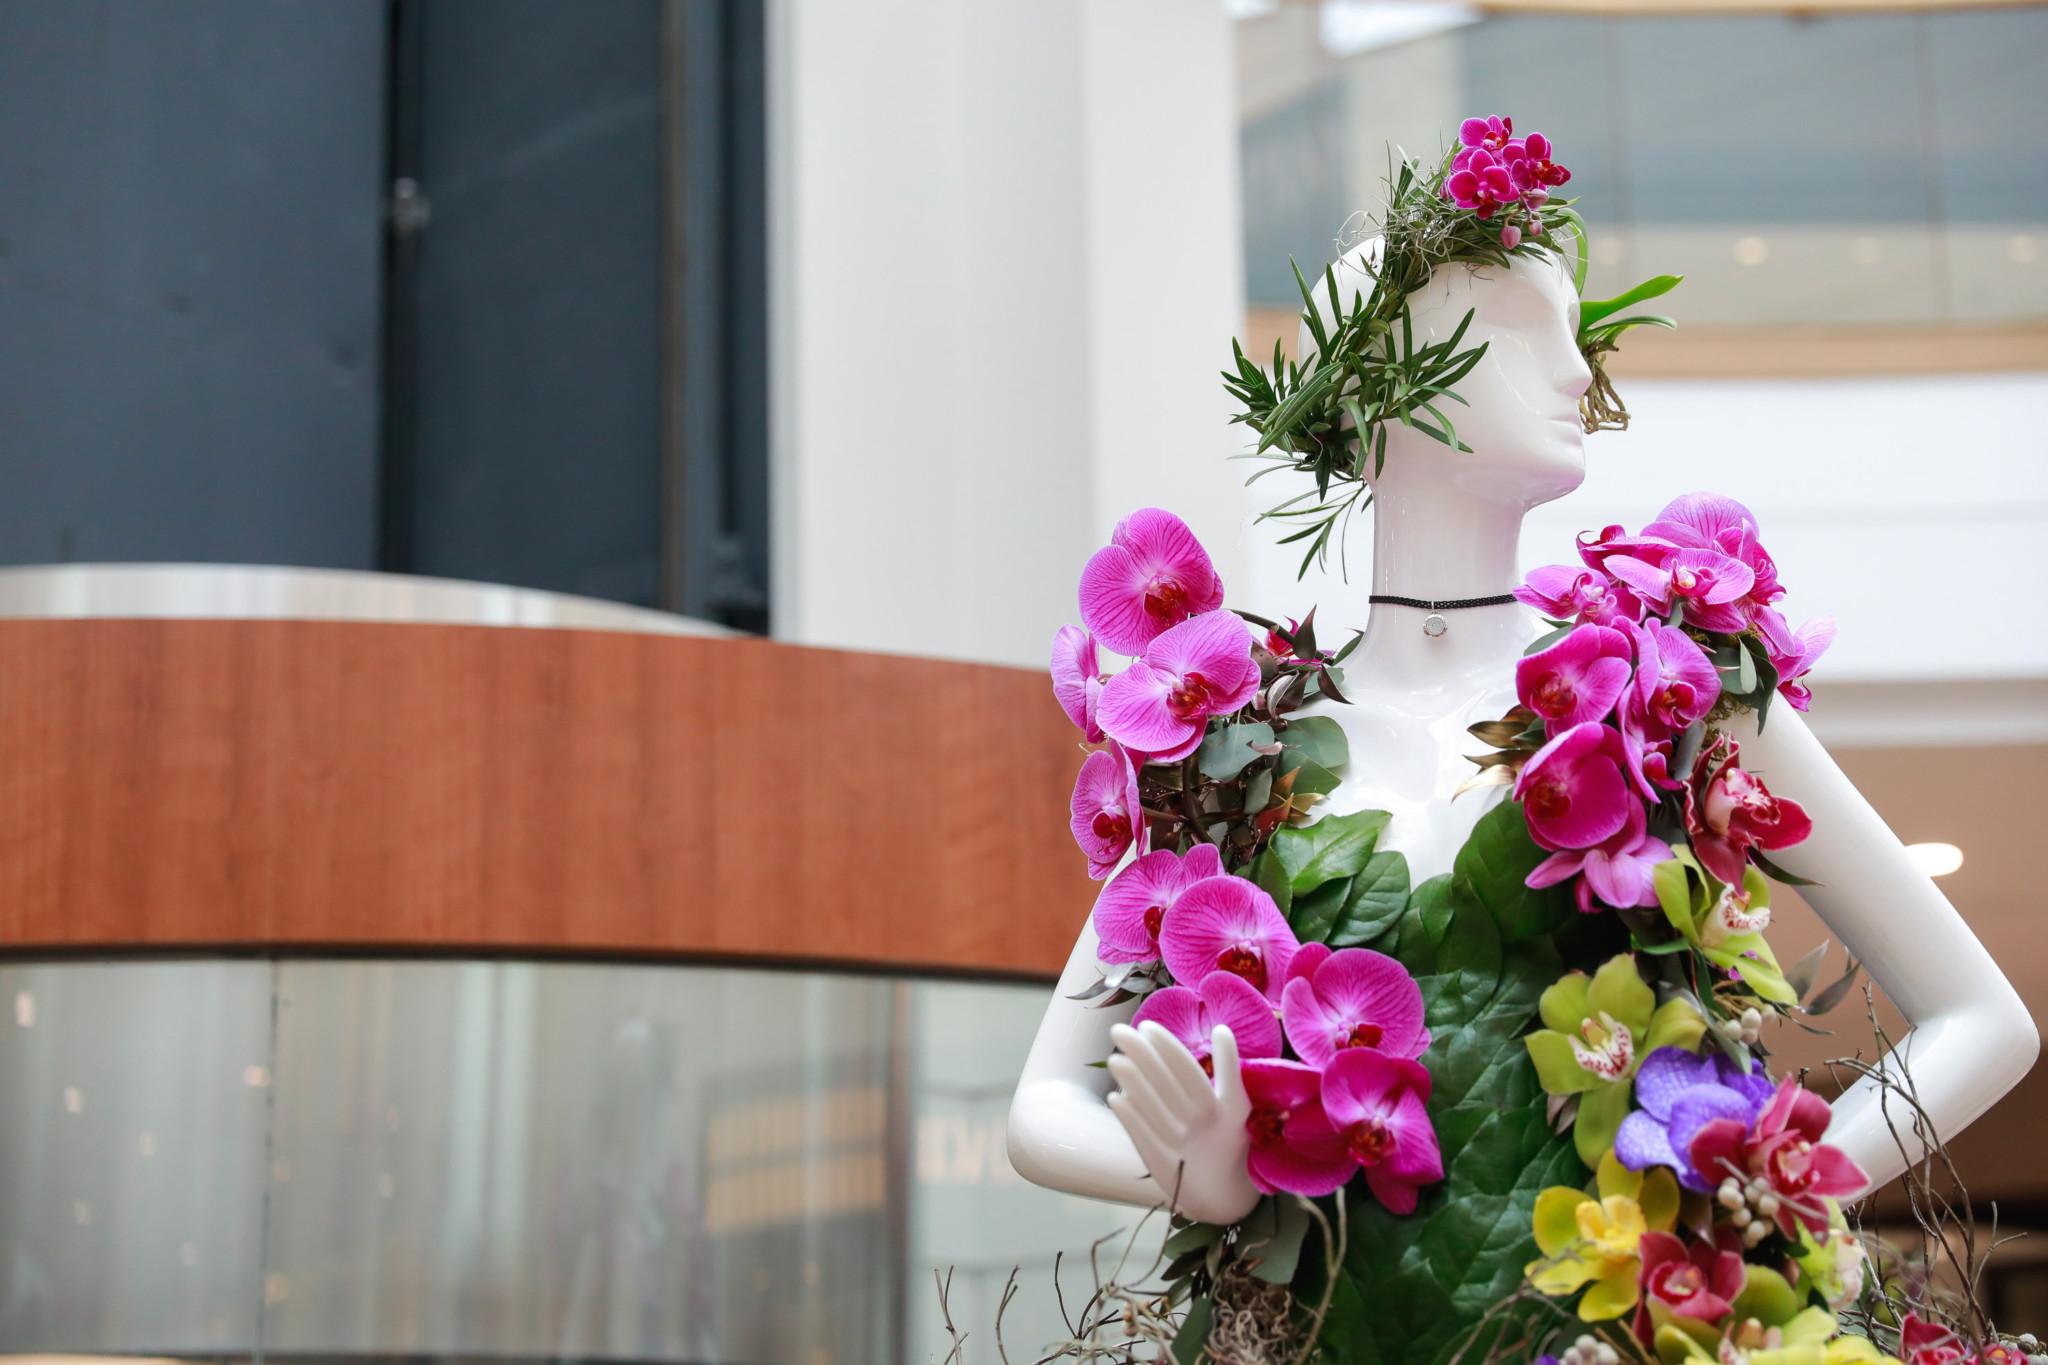 Fleurs de Villes' Floral Mannequin Series returns to Vancouver in 2018